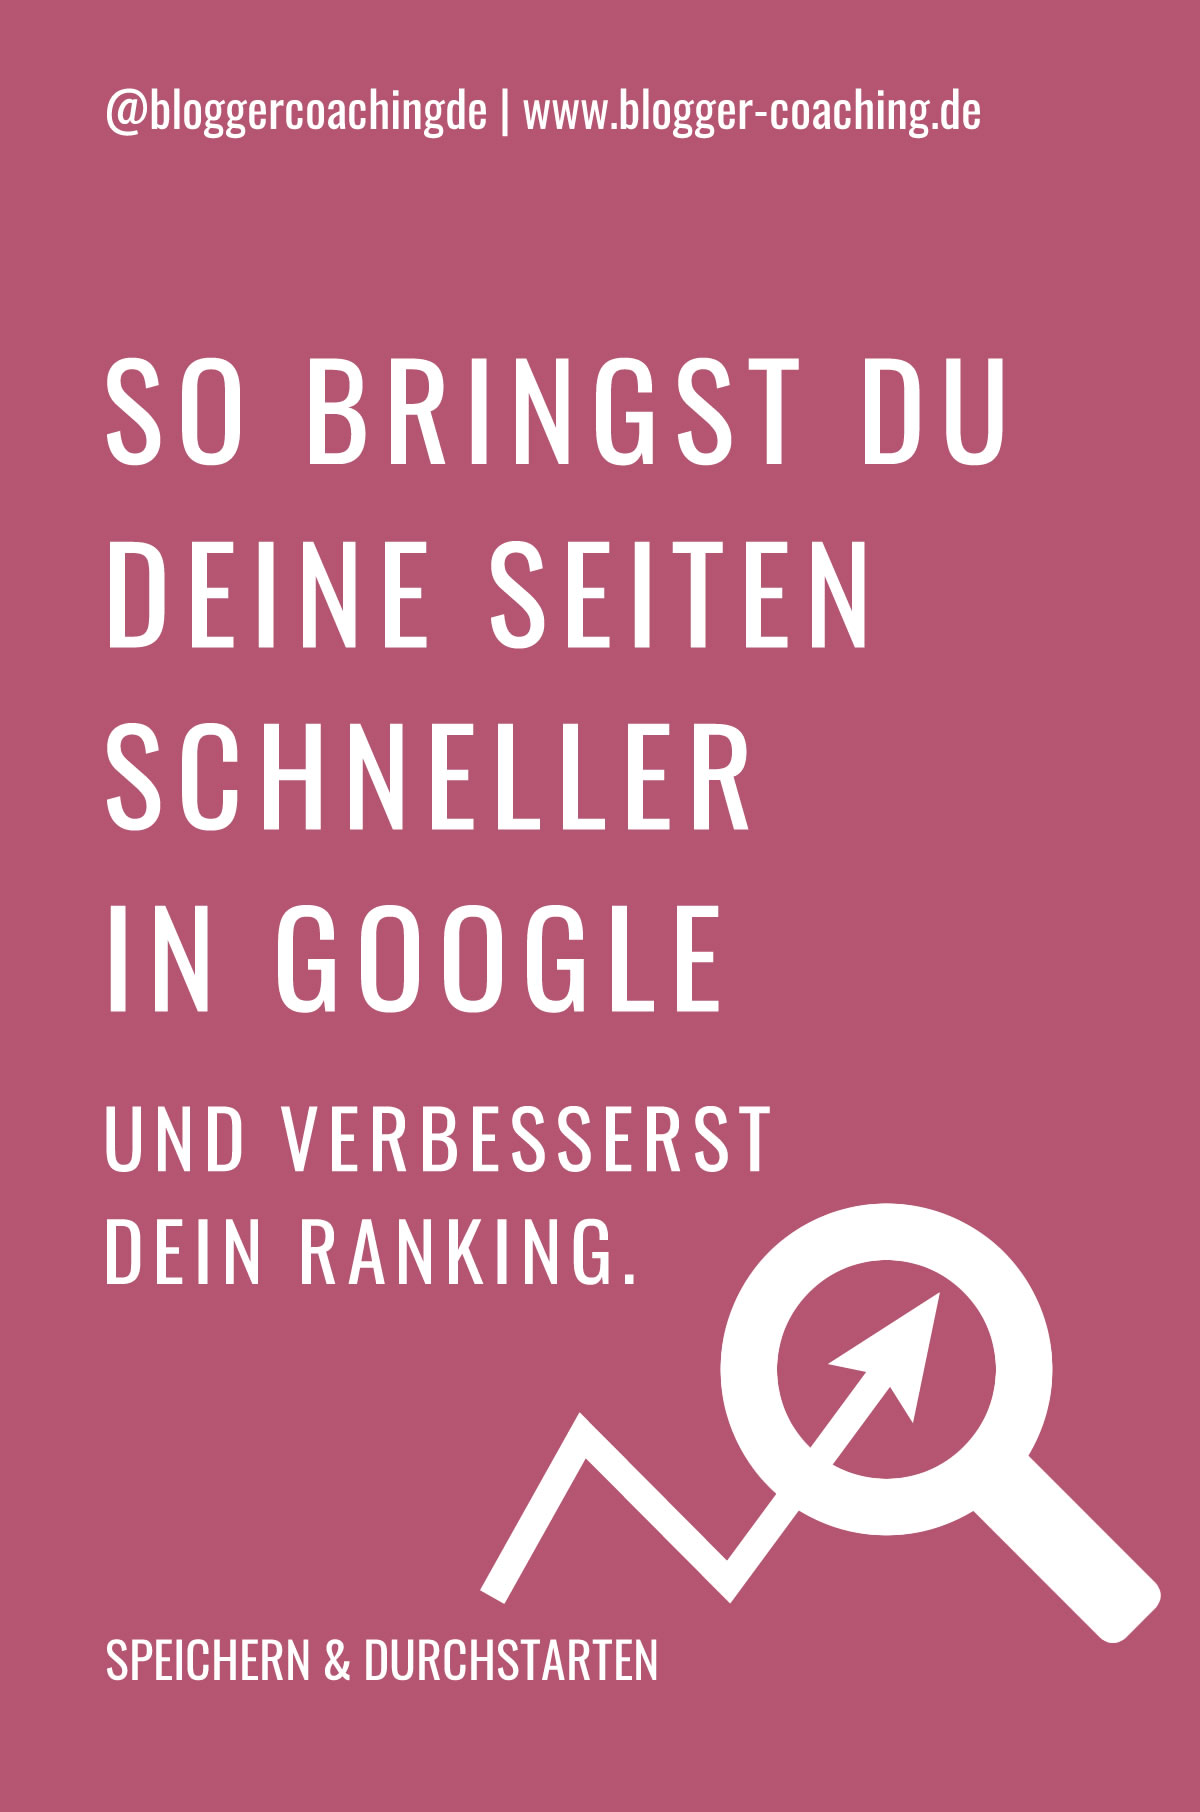 Google Search Console: So verbessert sie deine Suchmaschinenoptimierung | Blogger-Coaching.de - Tipps & Kurse für Blogger